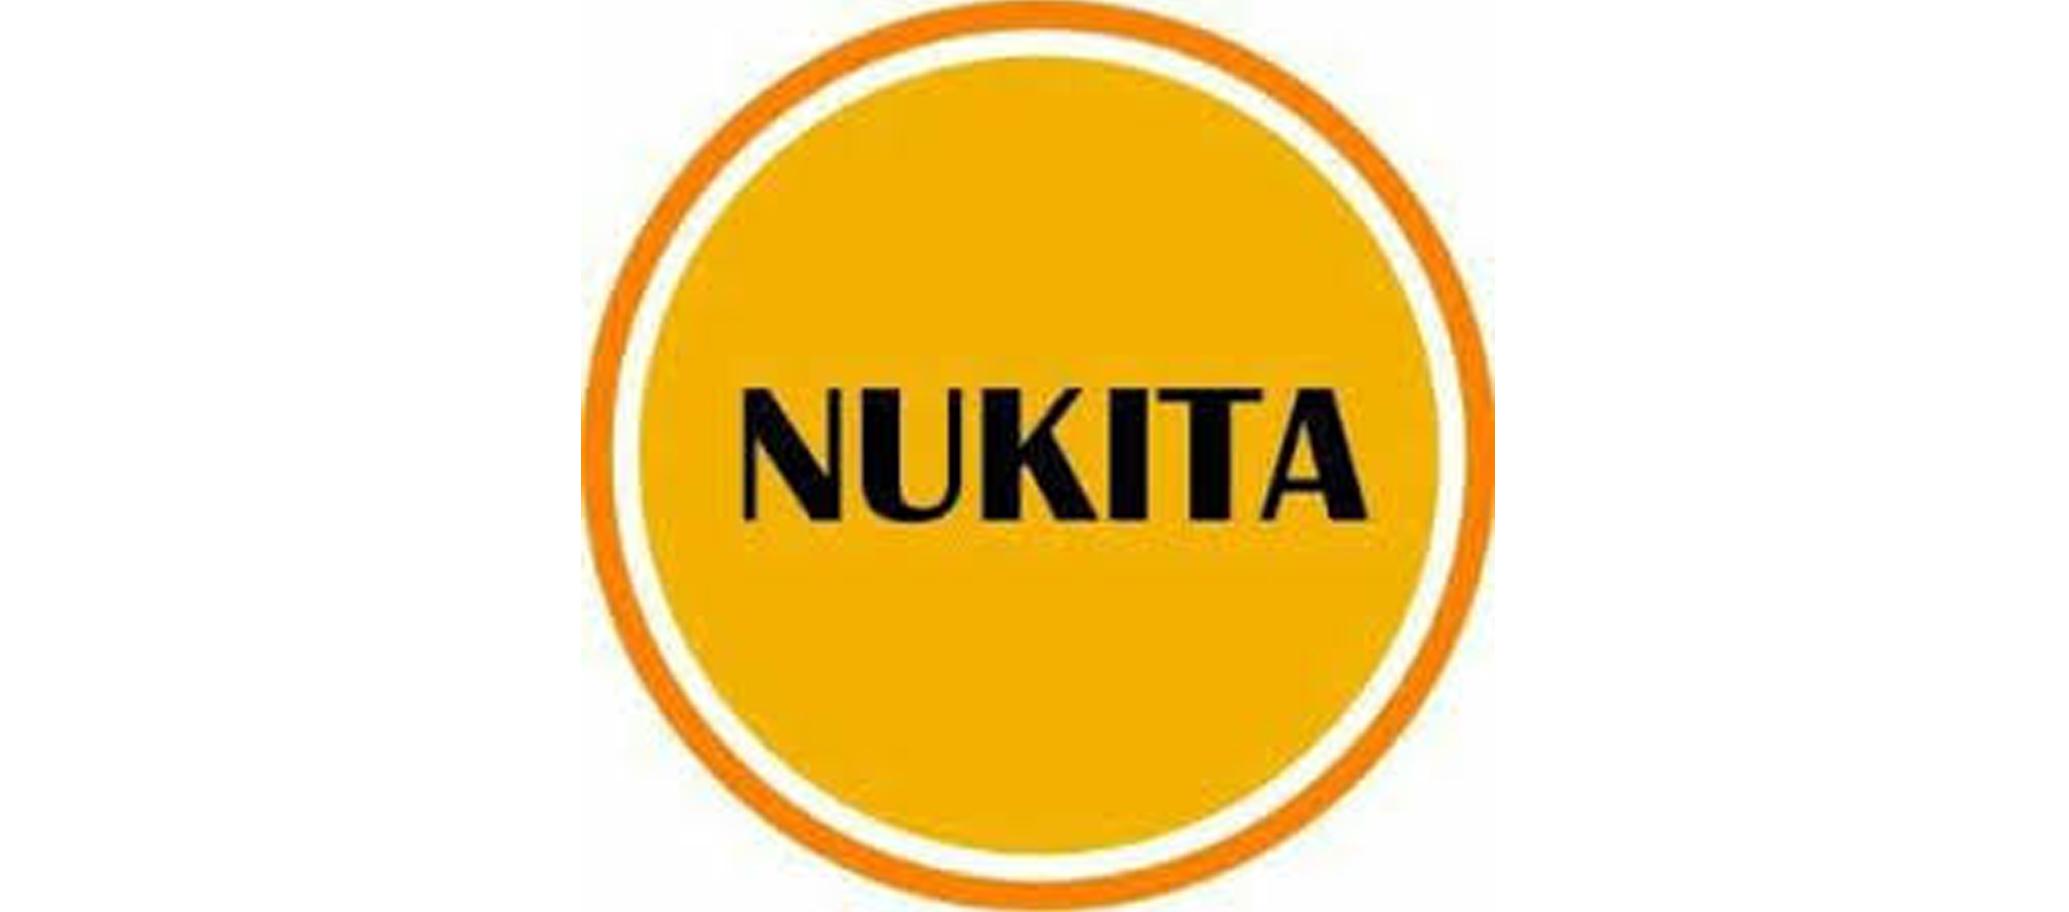 Nukita